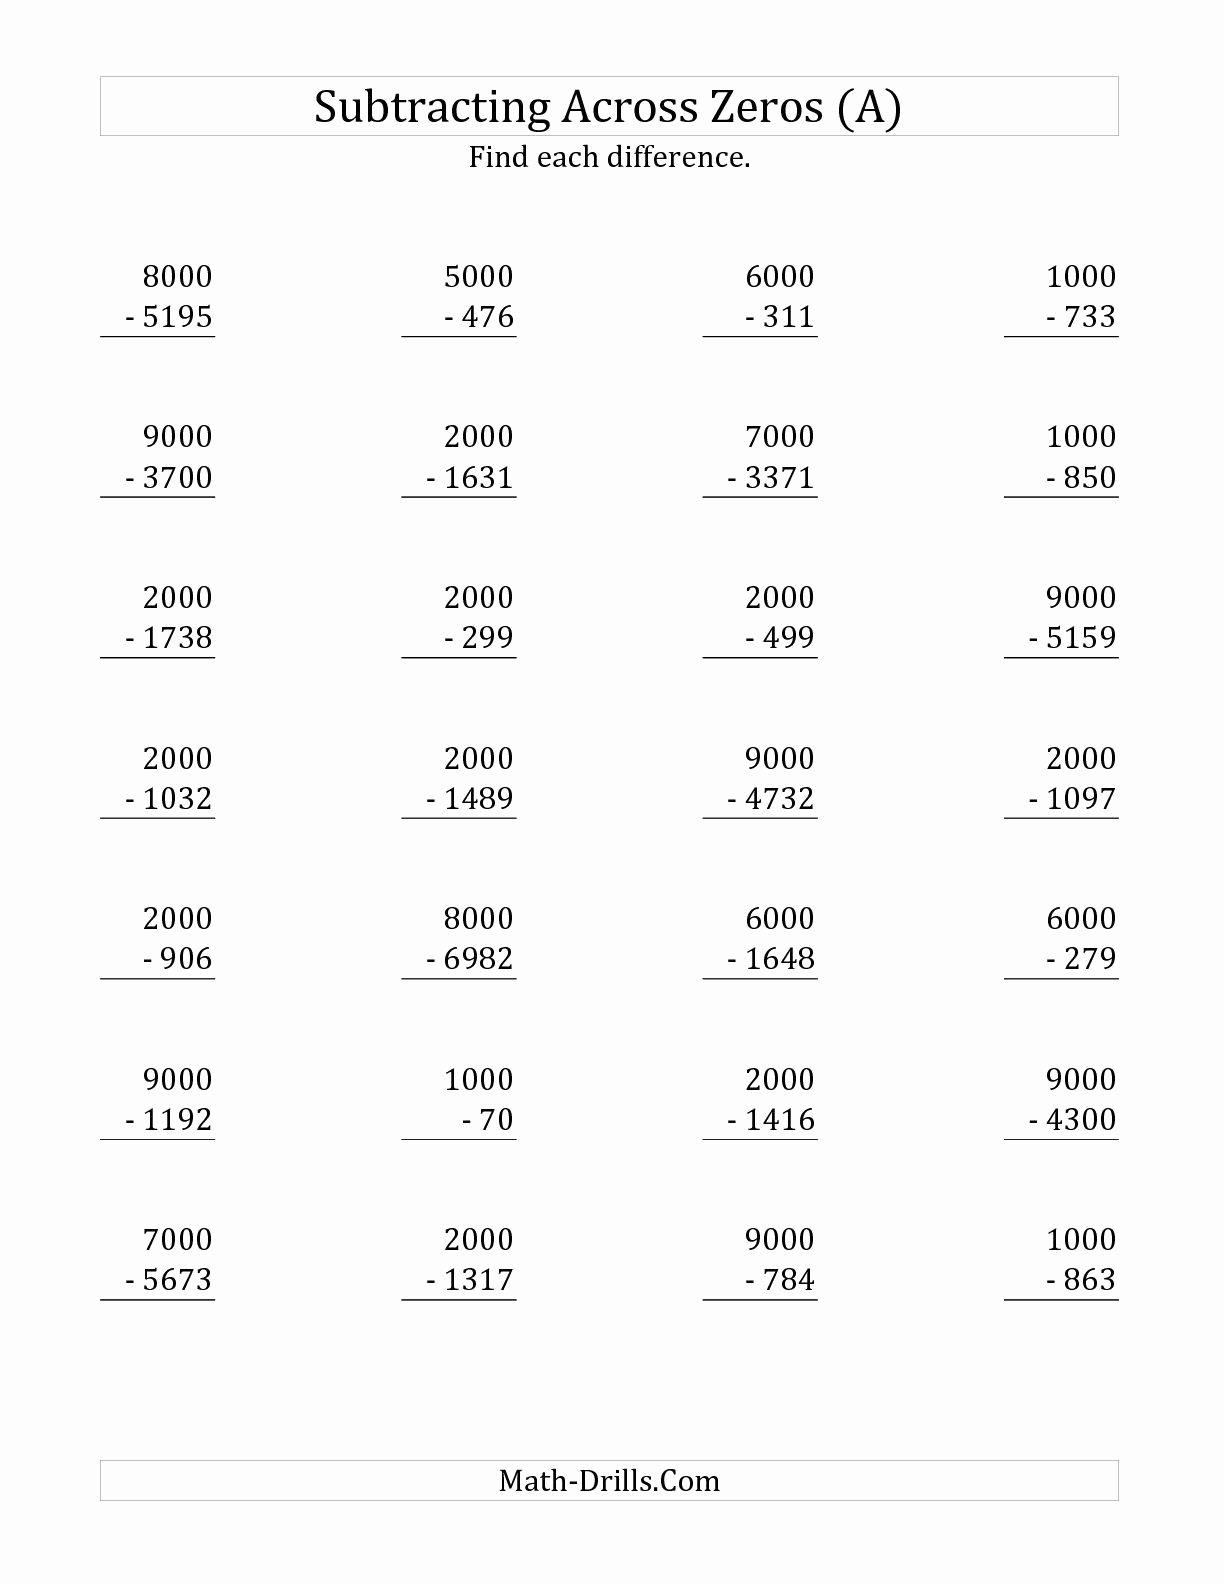 Subtracting Across Zero Worksheet Unique the Subtracting Across Zeros From Multiples Of 1000 A